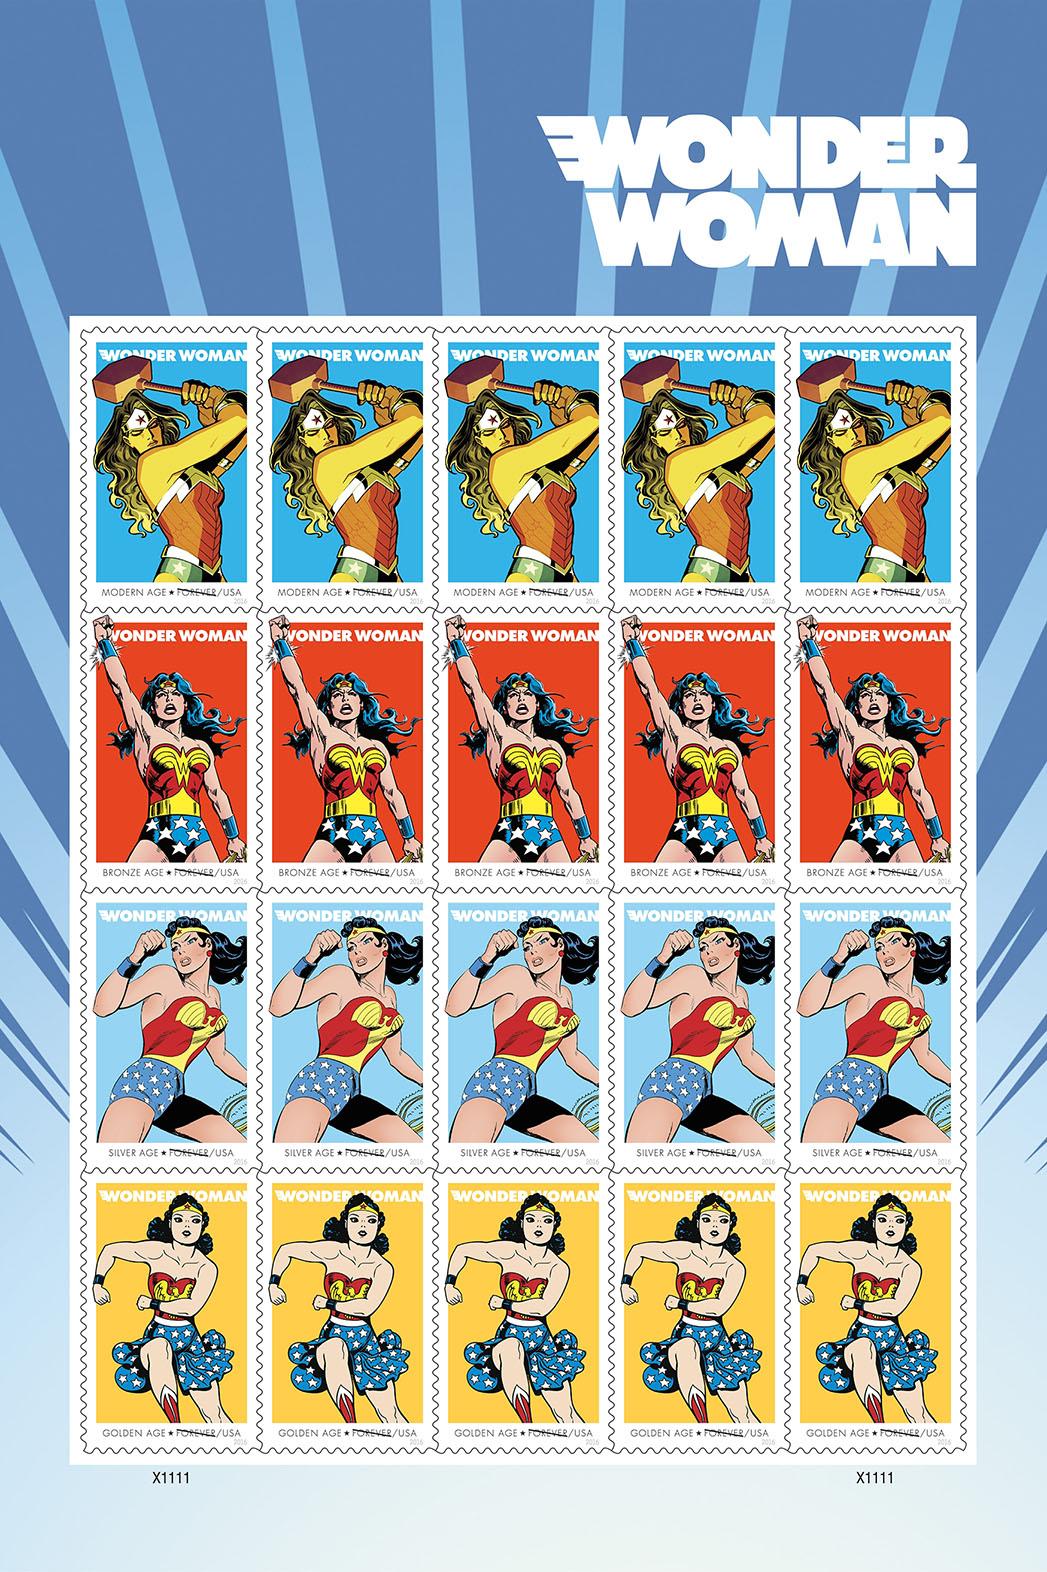 Wonder Woman Stamps - Publicity - P 2016